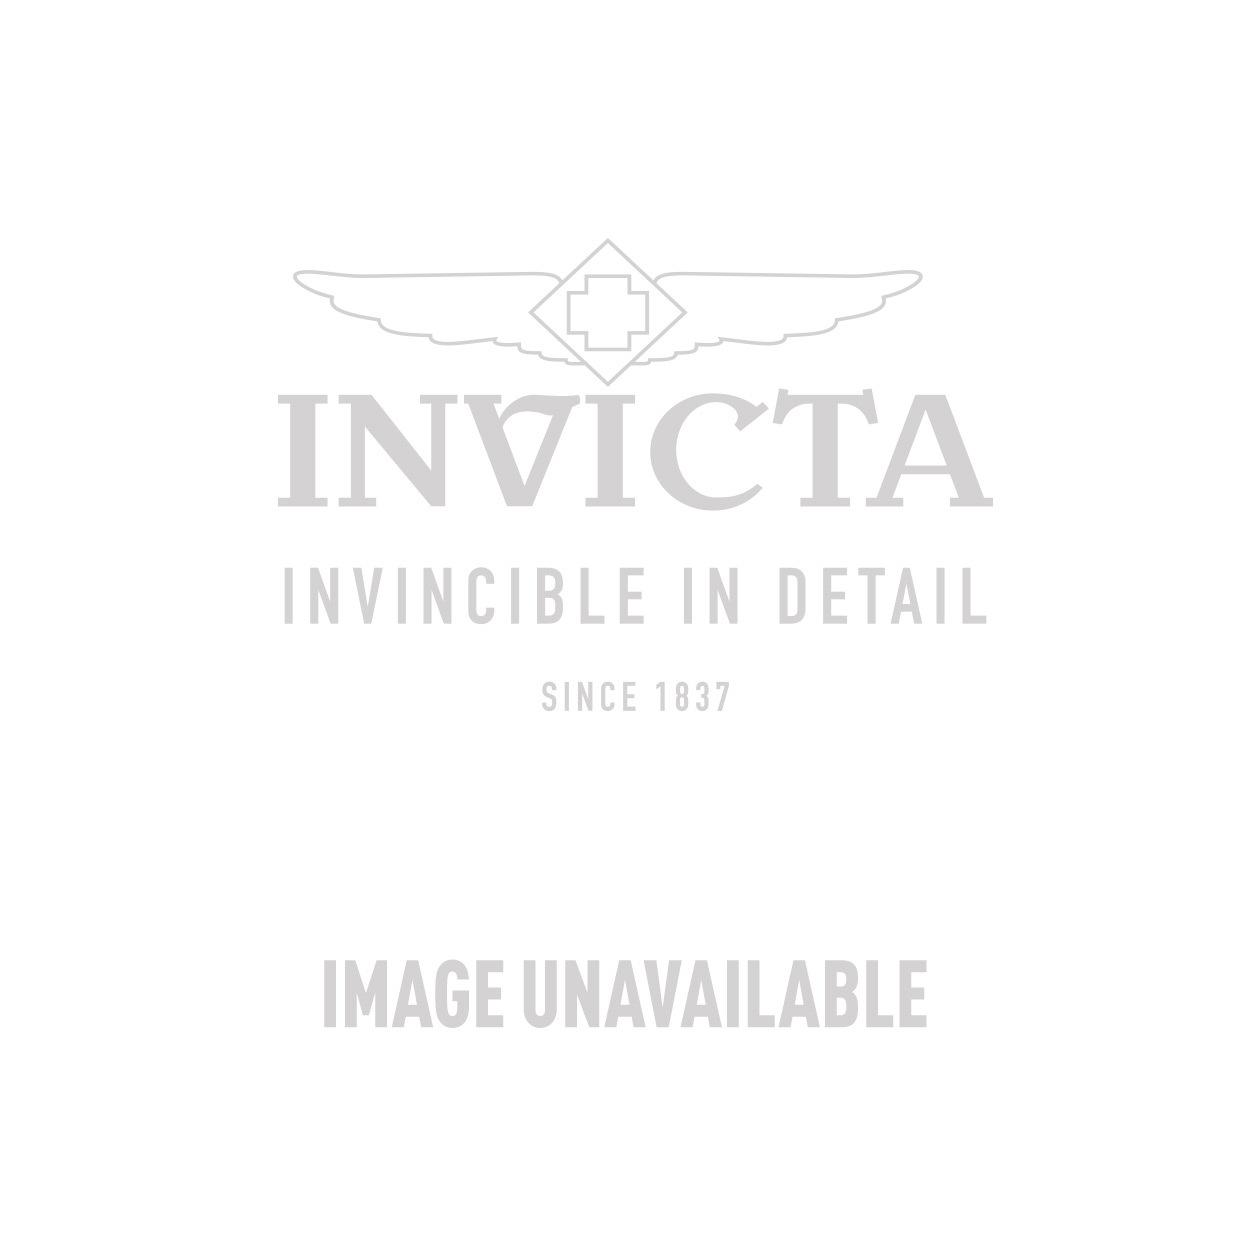 Invicta Model 22001